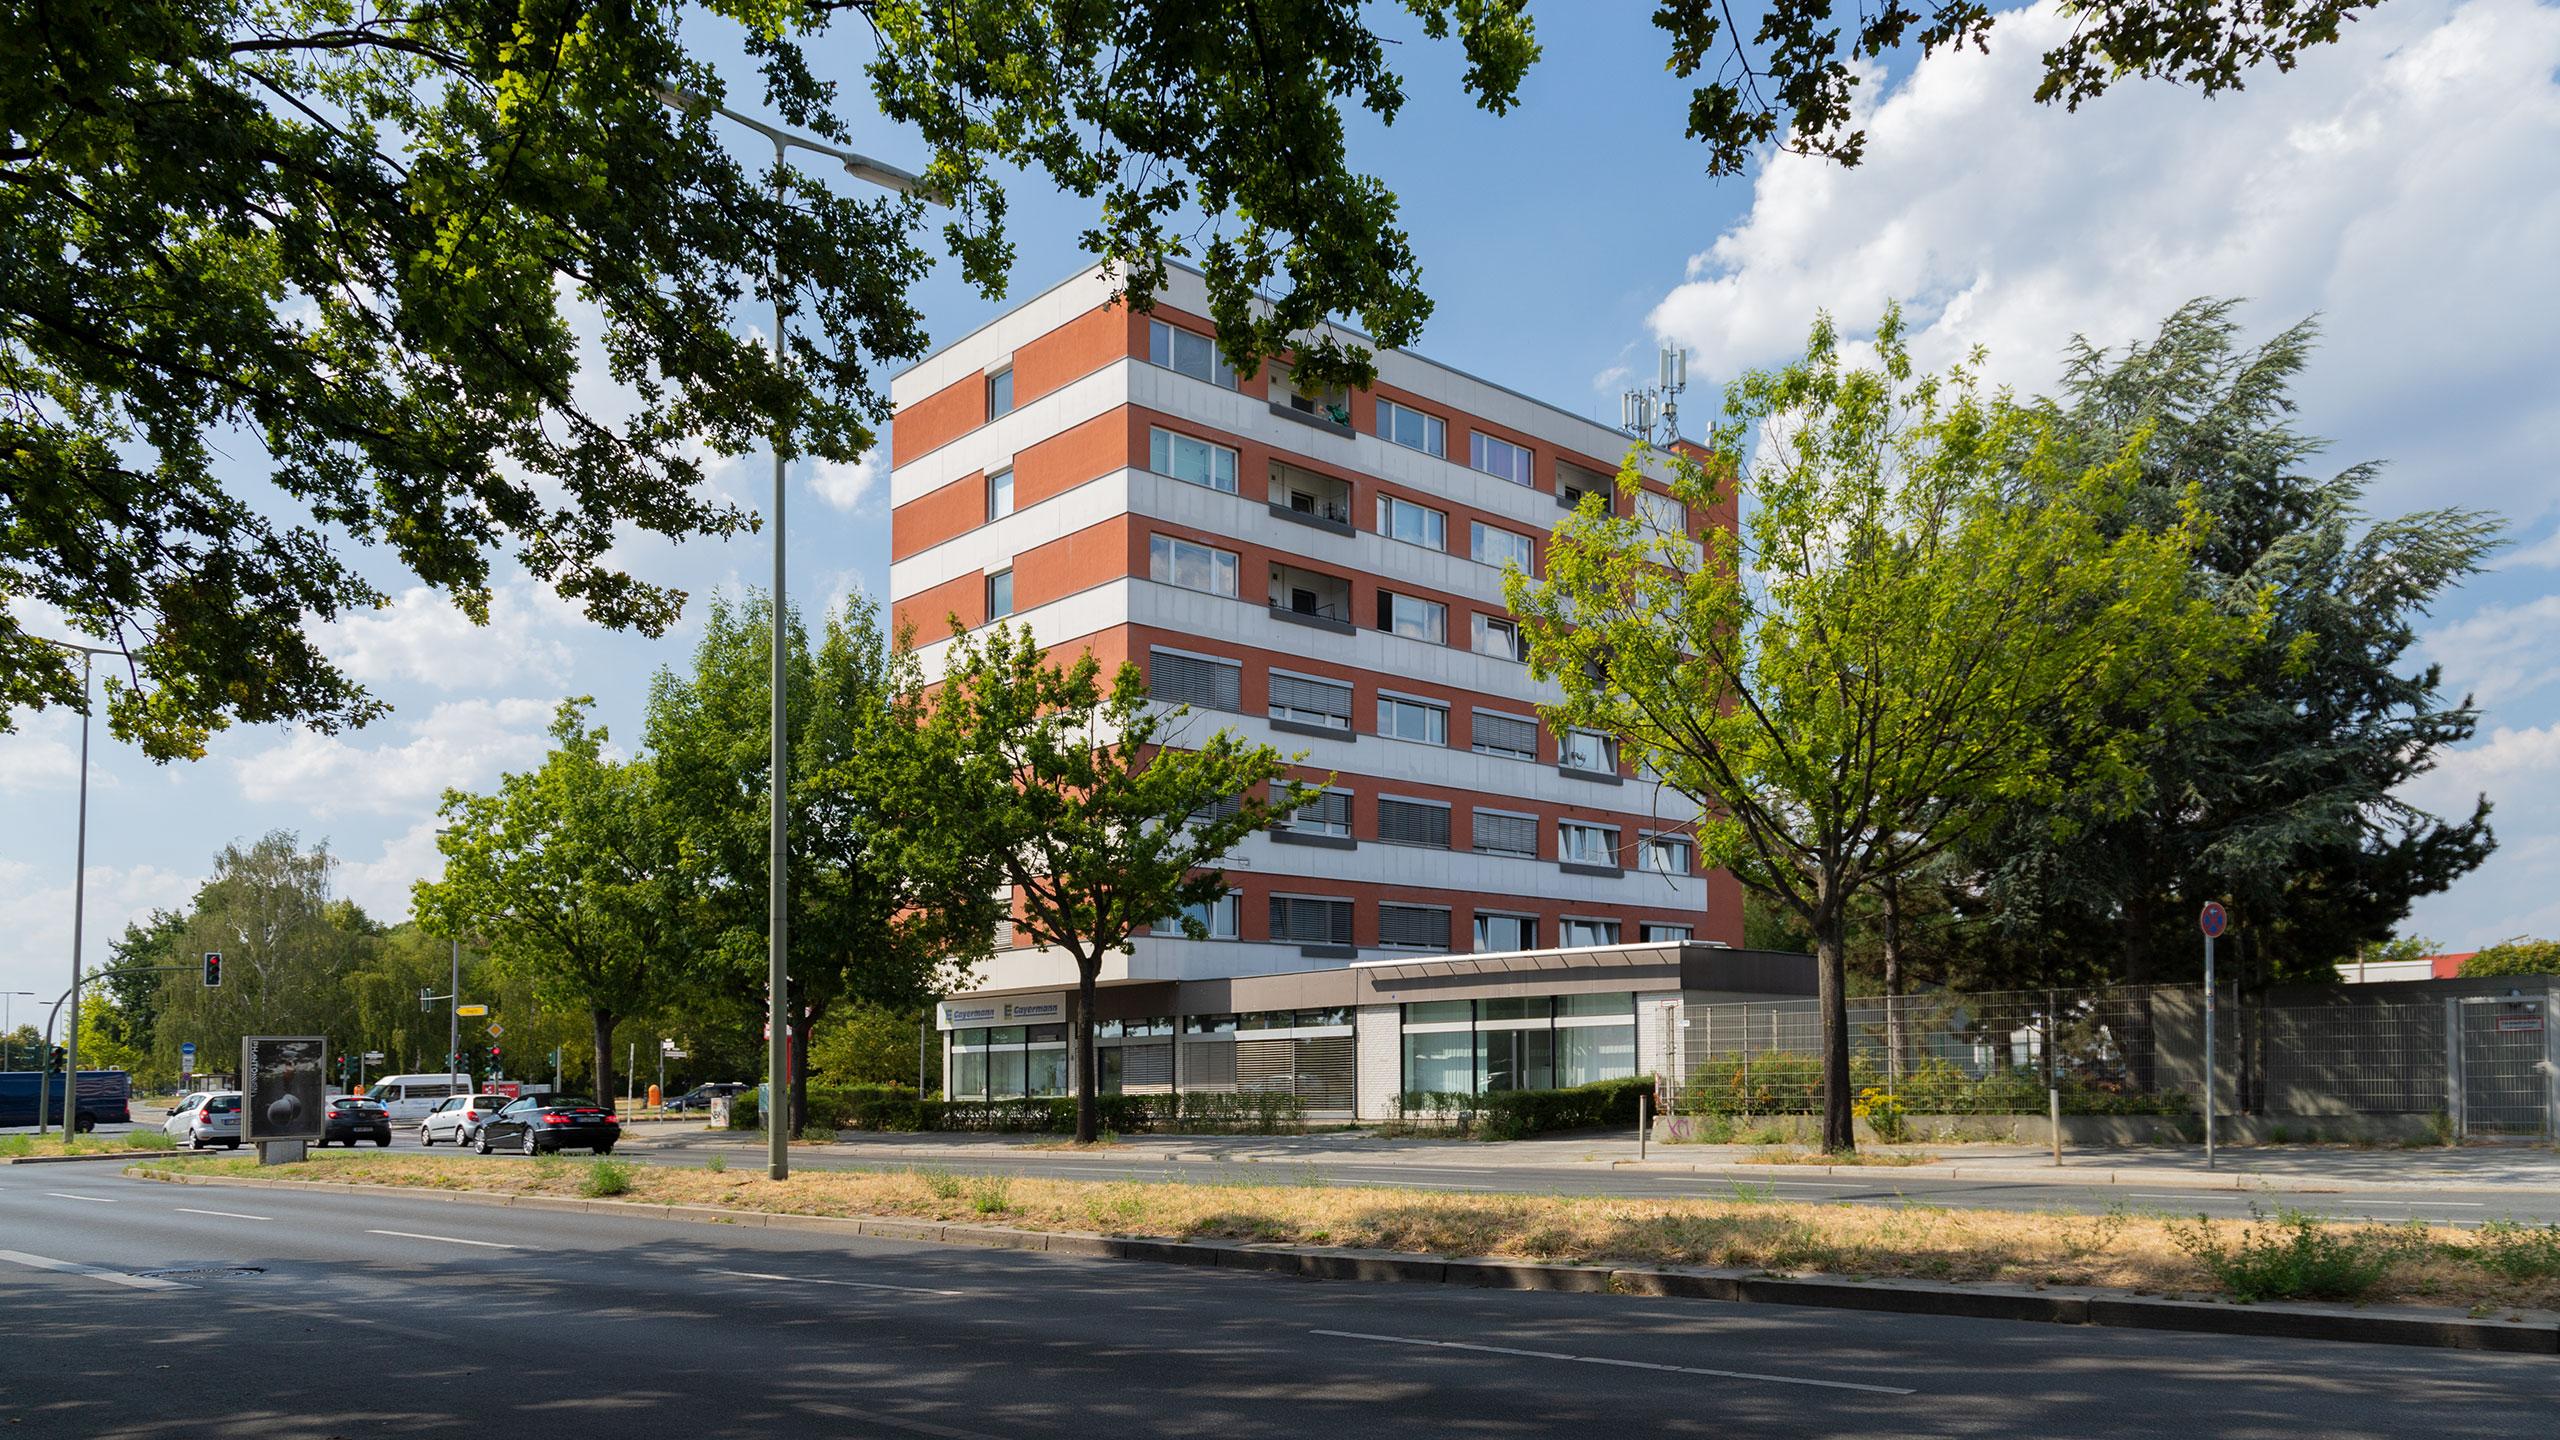 Wohn- und Gewerbepark Marienfelde Motzener Strasse 3